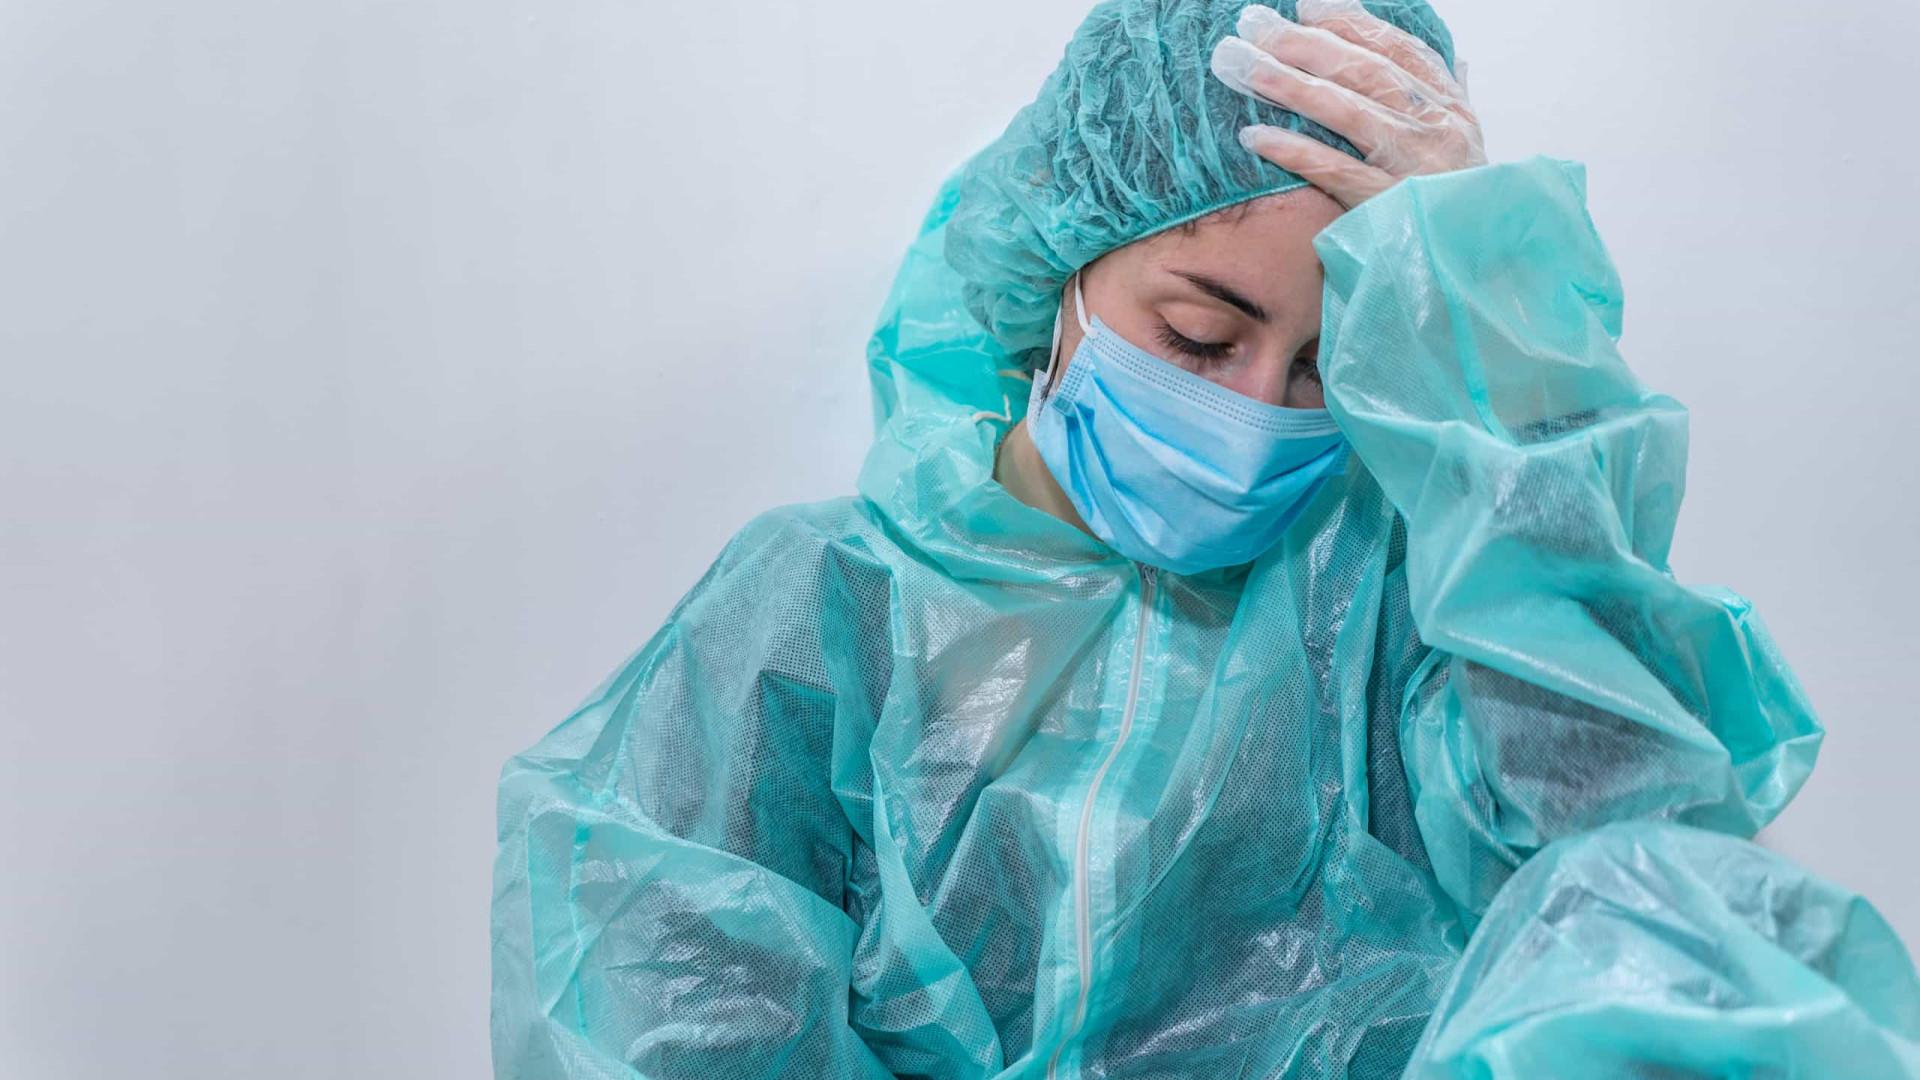 Brasil tem média móvel de 546 óbitos por dia devido ao novo coronavírus